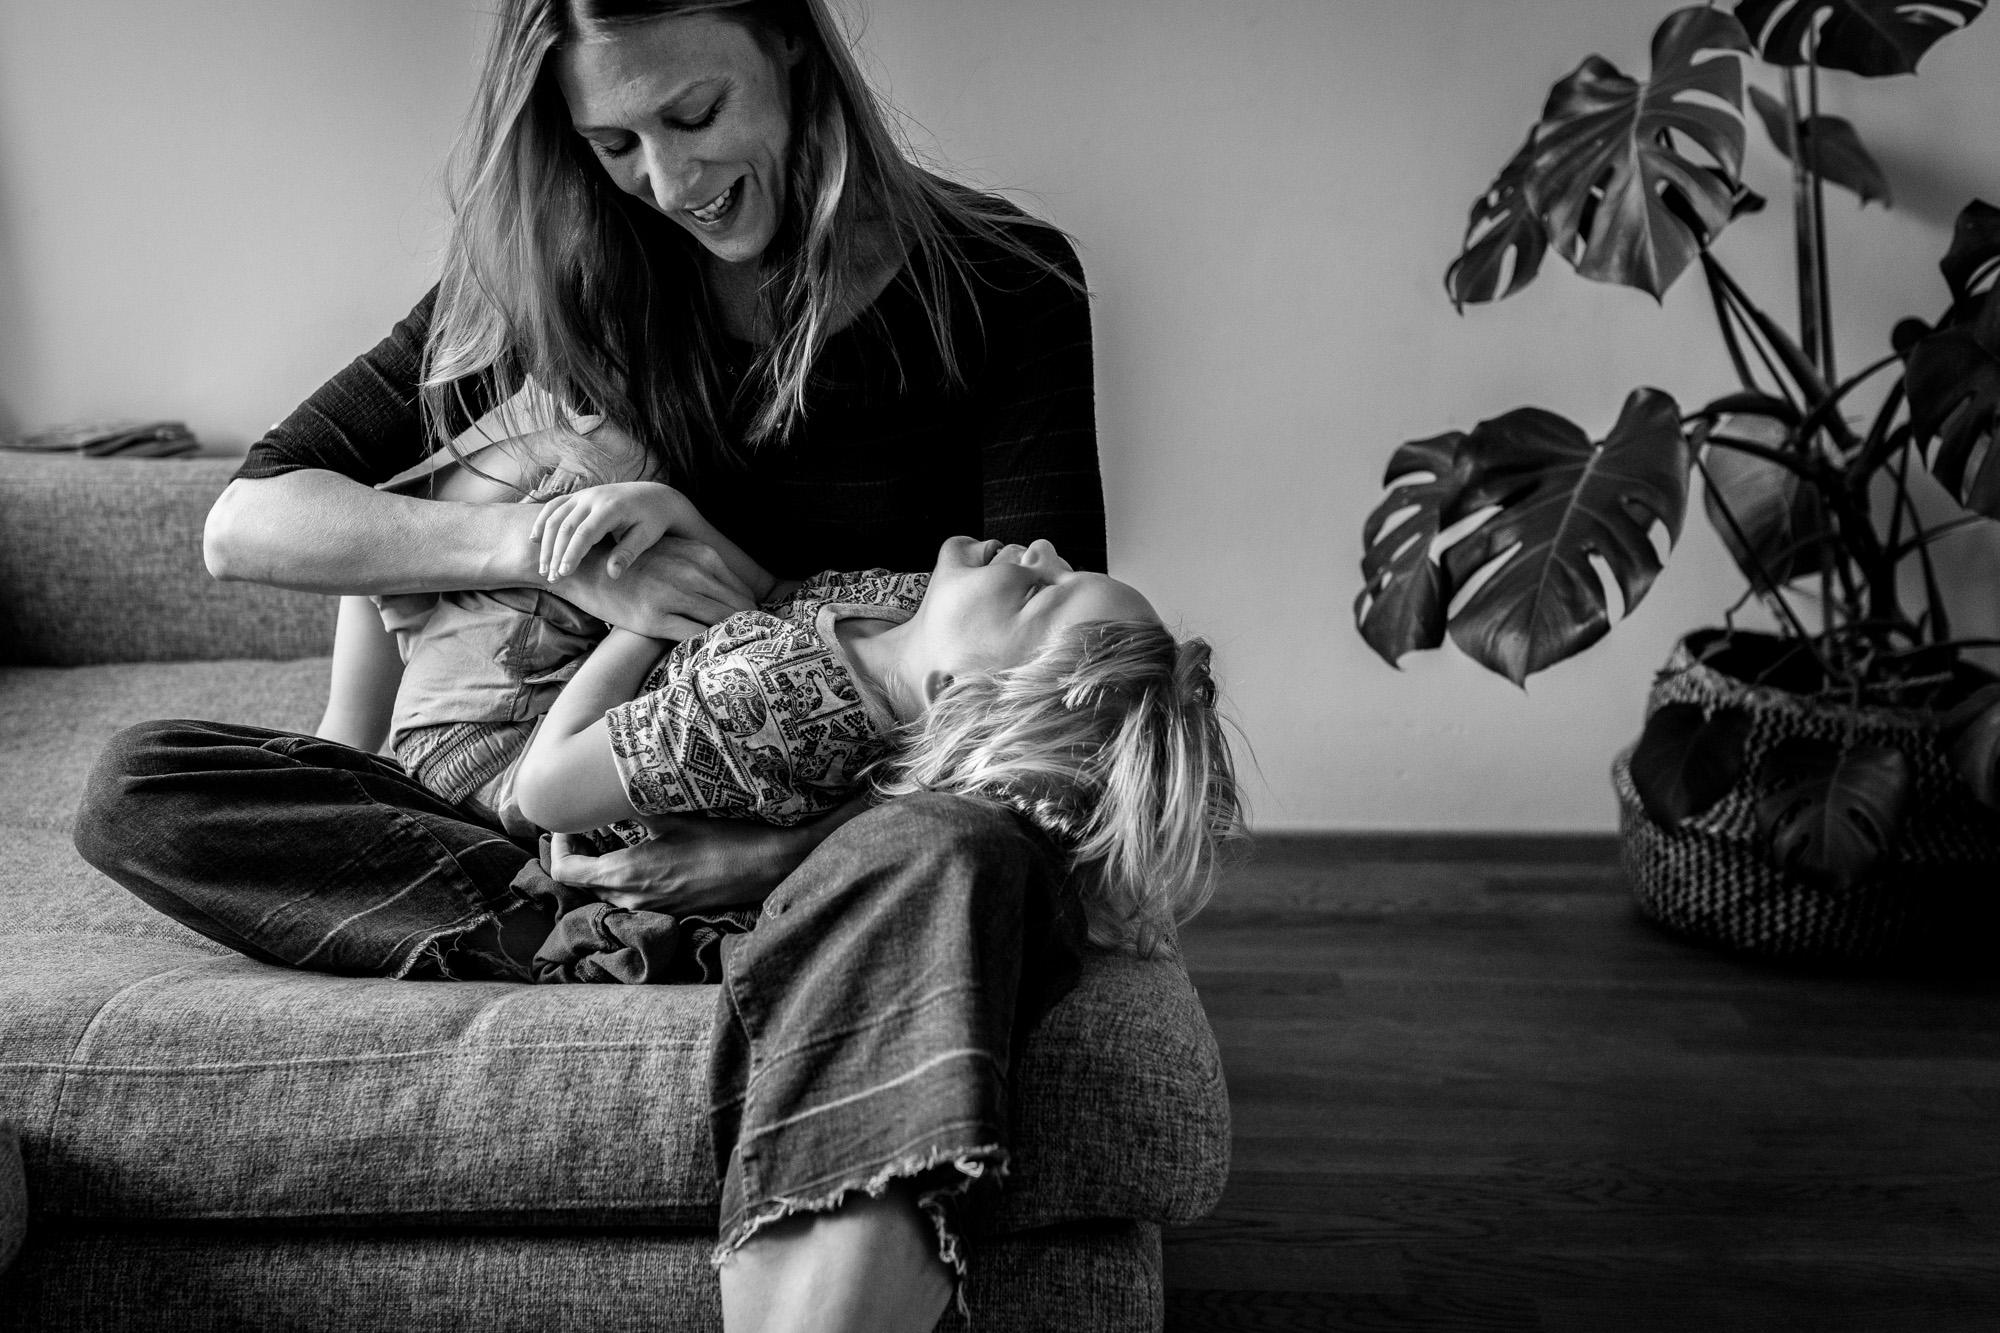 Mutter kitzelt ihren Sohn, beide lachen.